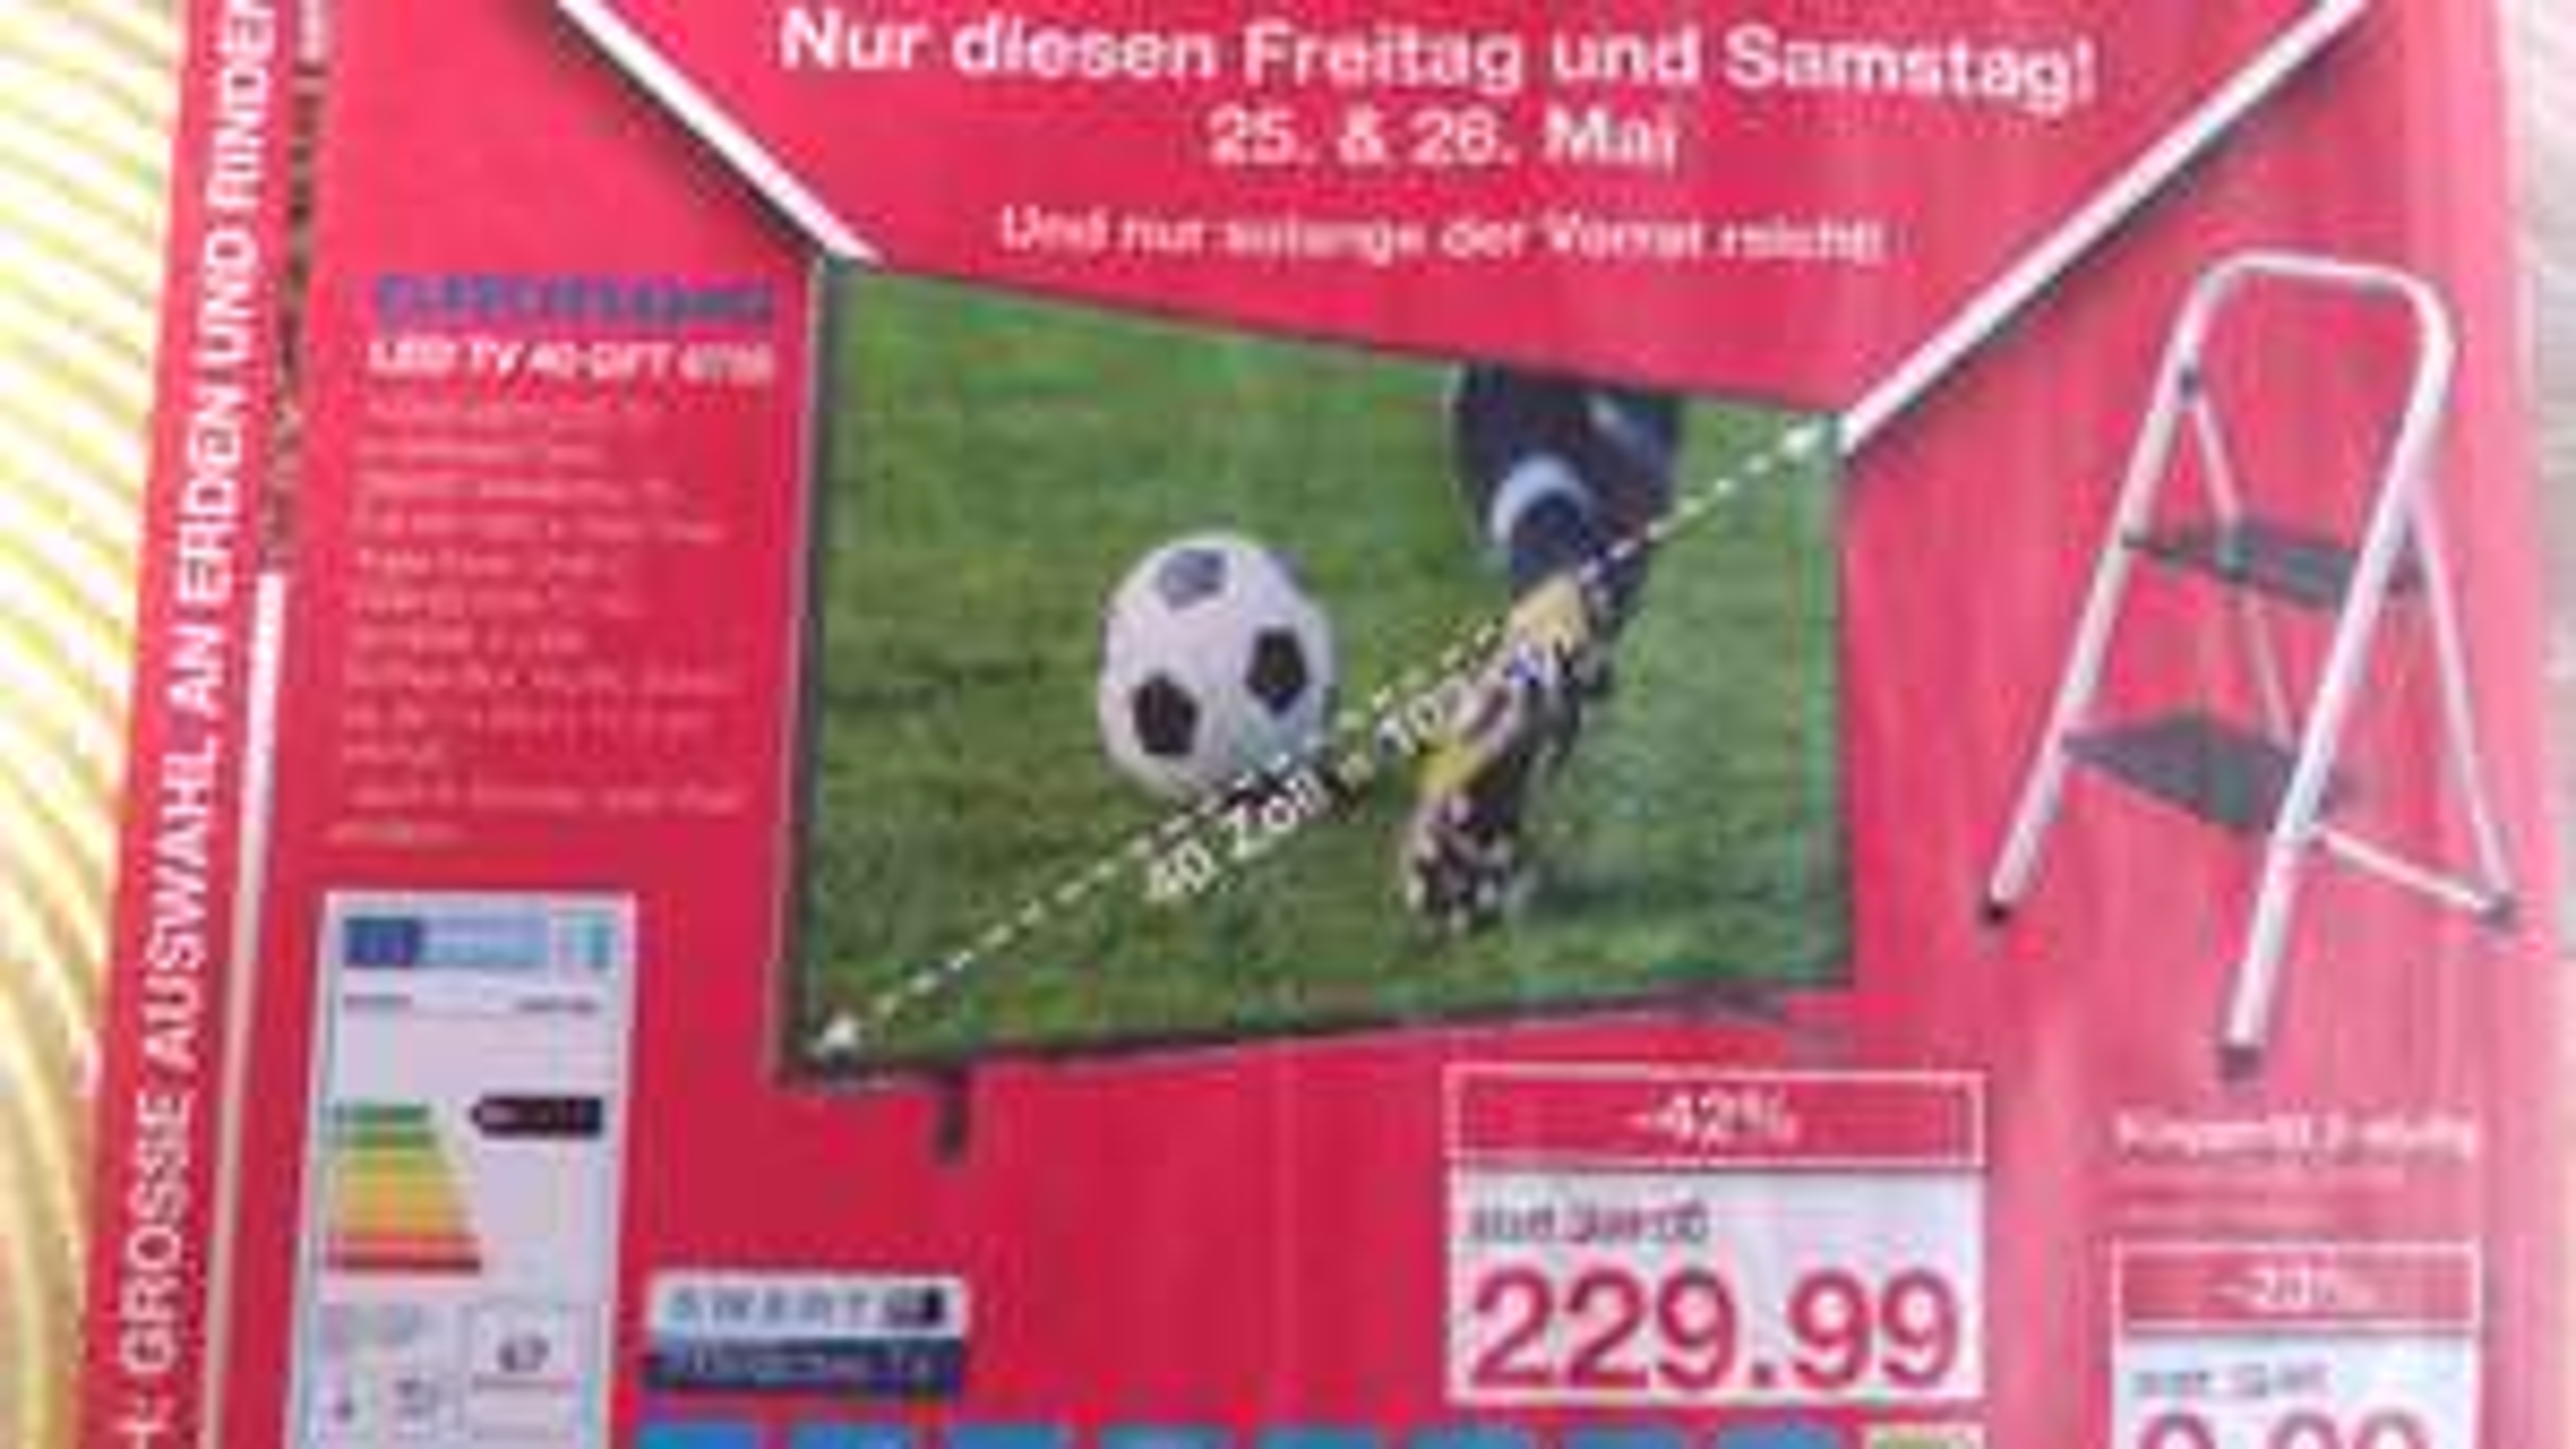 Grundig GFT 6728 40 ZOLL Full Hd Smart TV Lokal?